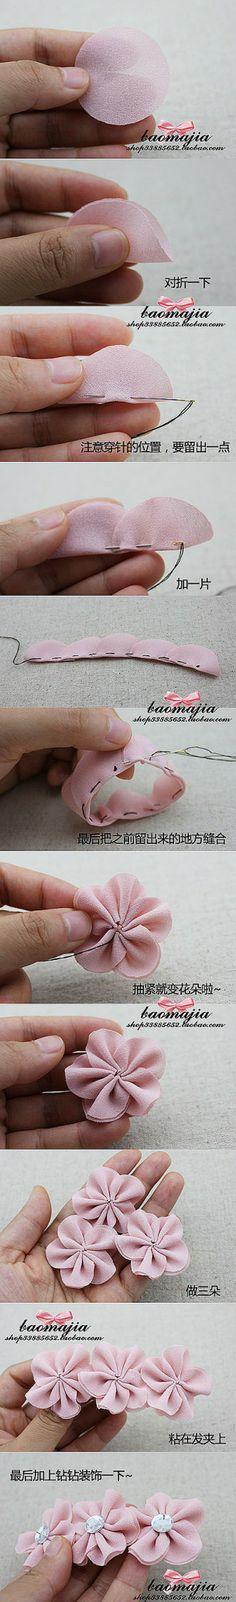 Leuk om zelf te maken | Leuke en makkelijke manier om bloemetjes te maken Door Marjo2010